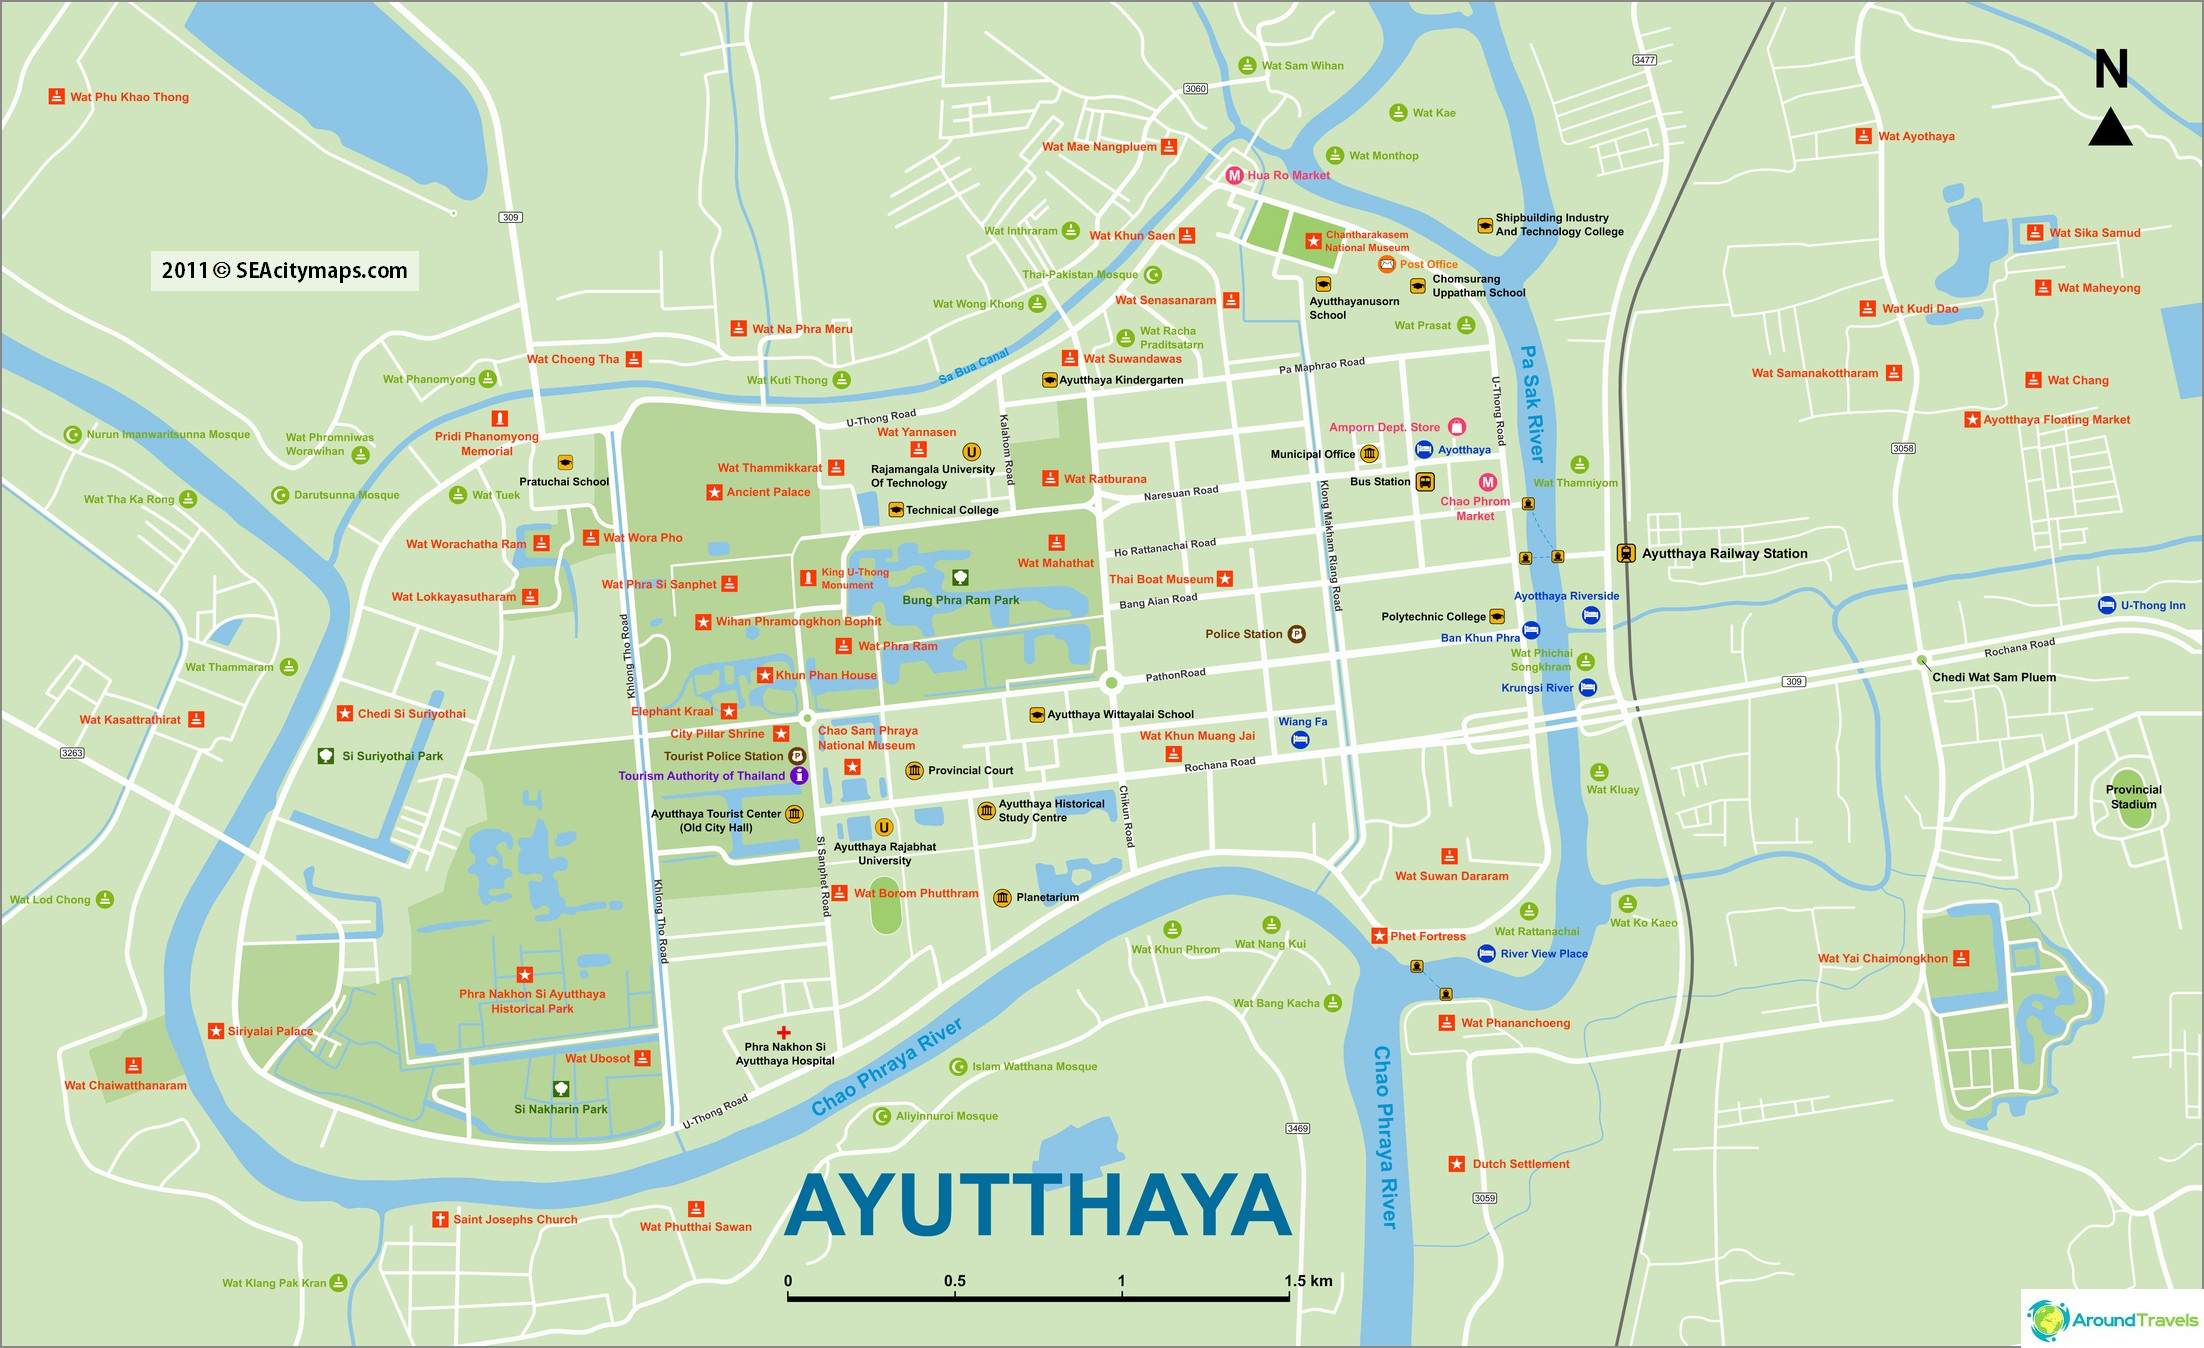 Ayutthaya-kartta kaikilla temppeleillä (suuri napsautus)